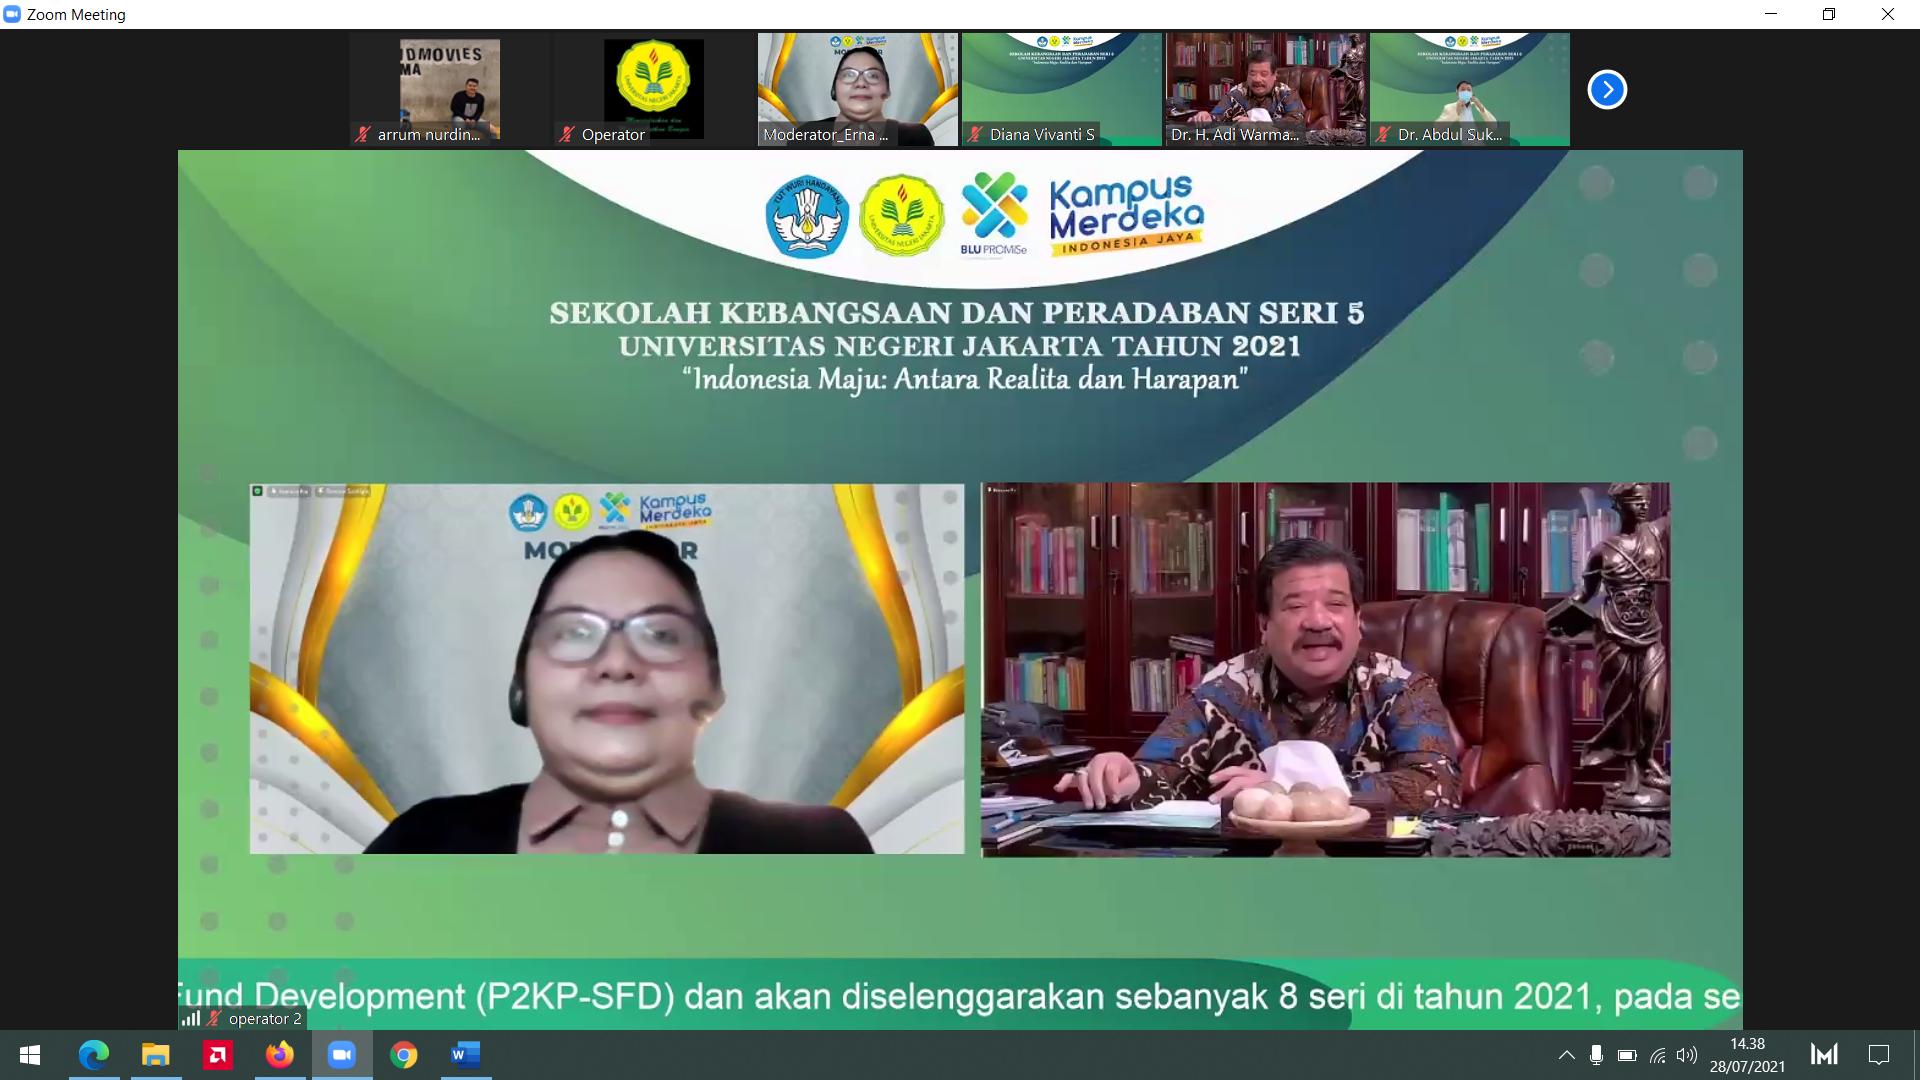 """(Bahasa) SEKOLAH KEBANGSAAN DAN PERADABAN seri ke-5, """"Indonesia Maju: Antara Realita dan Harapan"""""""